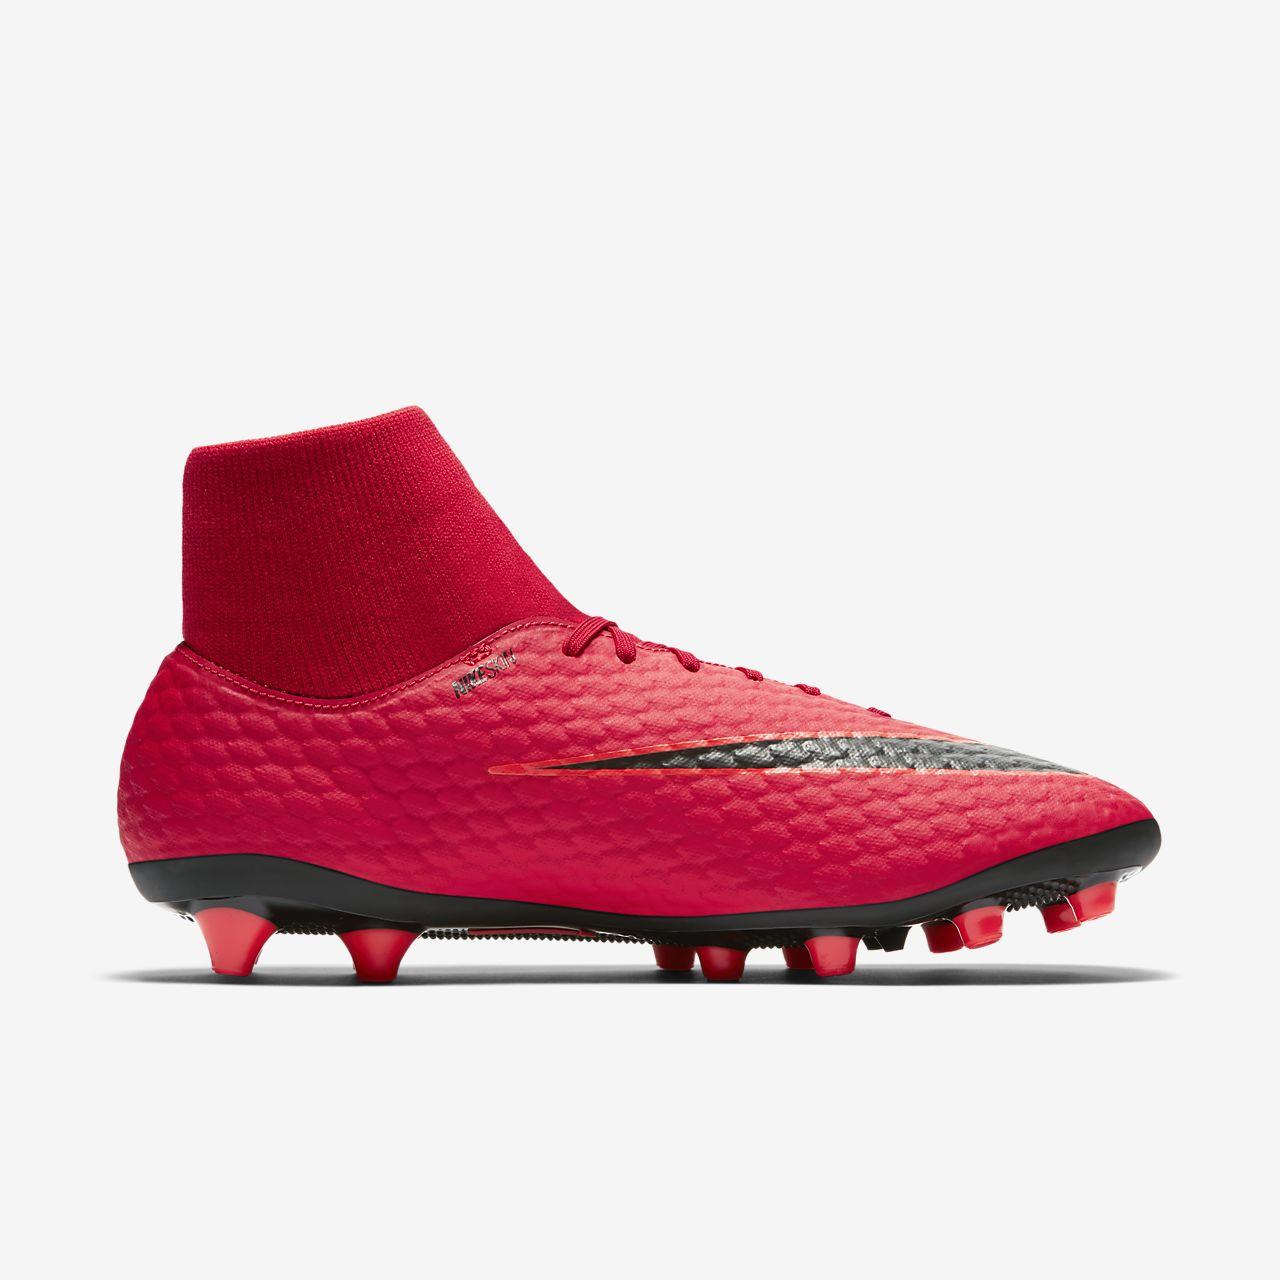 Nike Hypervenom Fantôme Iii Ajustement Dynamique Université Agpro Noir Rouge Pourpre Brillant L7iNuj0f